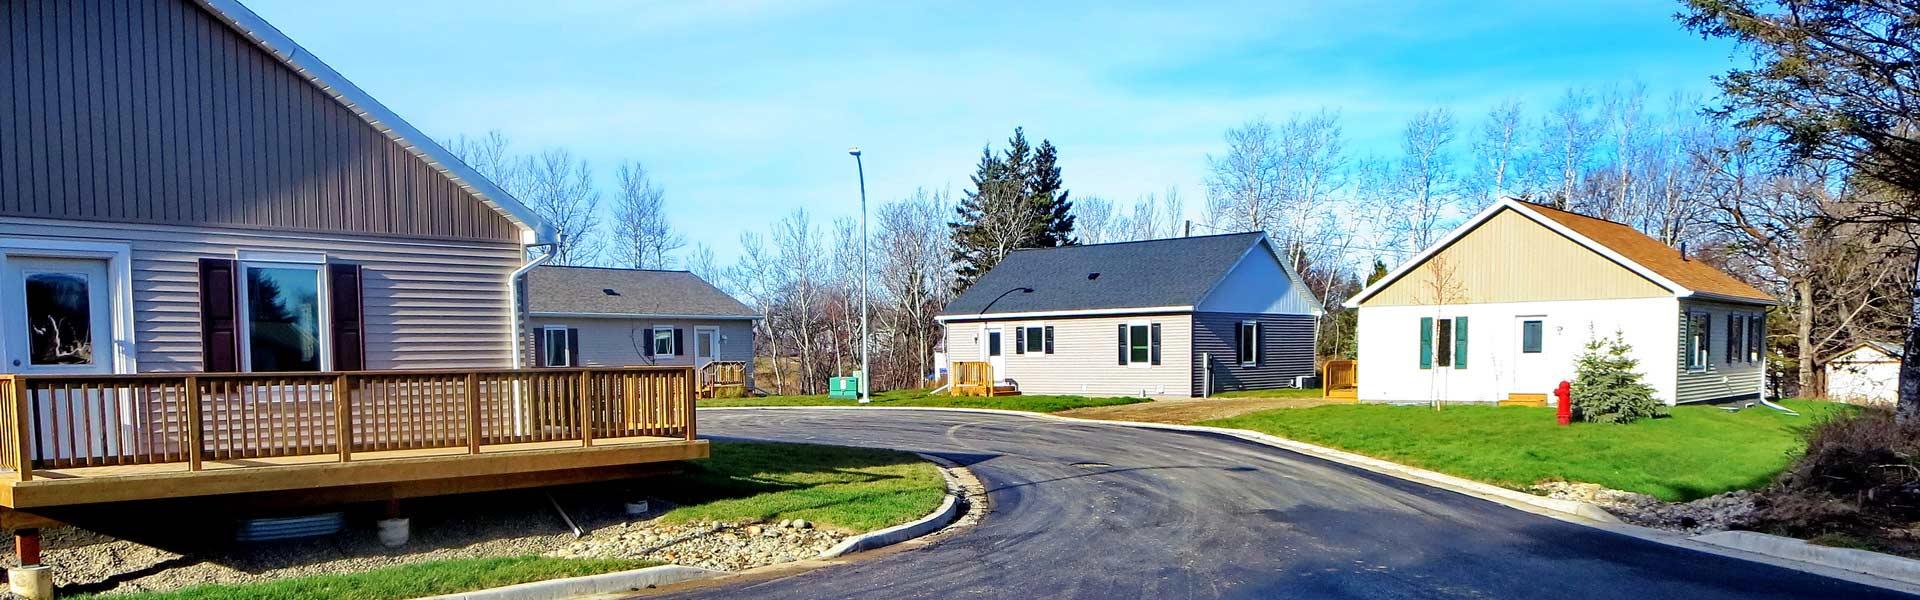 Minnedosa Community Housing Project